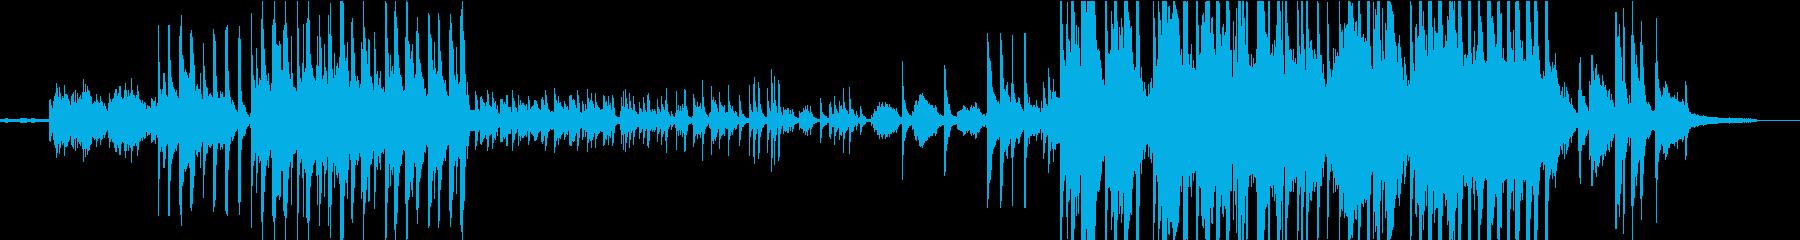 悲しく壮大なニューエイジサウンドの再生済みの波形